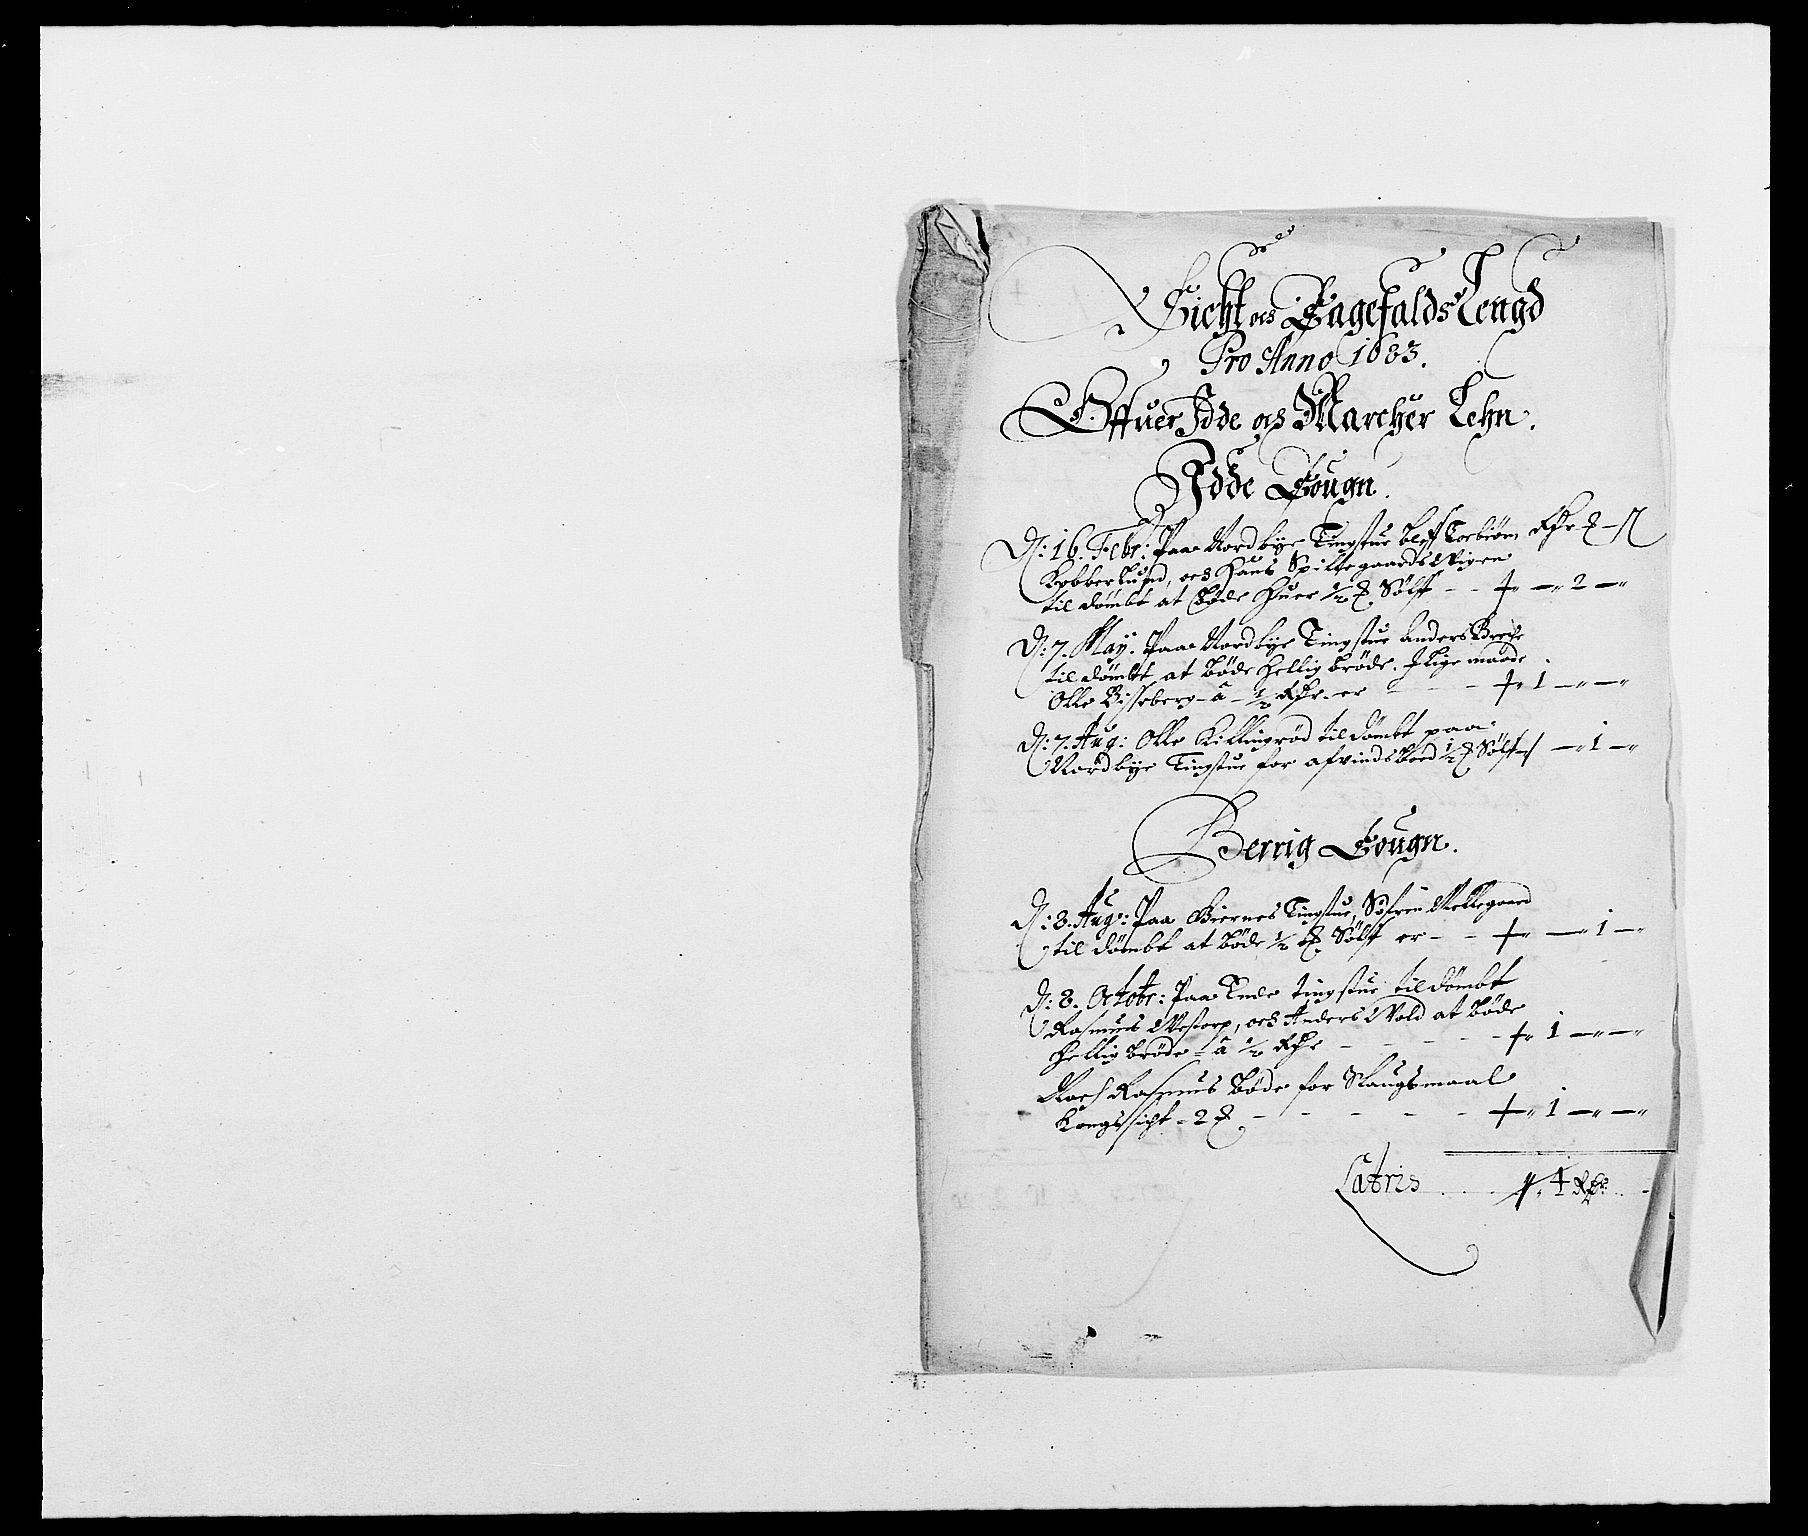 RA, Rentekammeret inntil 1814, Reviderte regnskaper, Fogderegnskap, R01/L0004: Fogderegnskap Idd og Marker , 1682-1683, s. 232